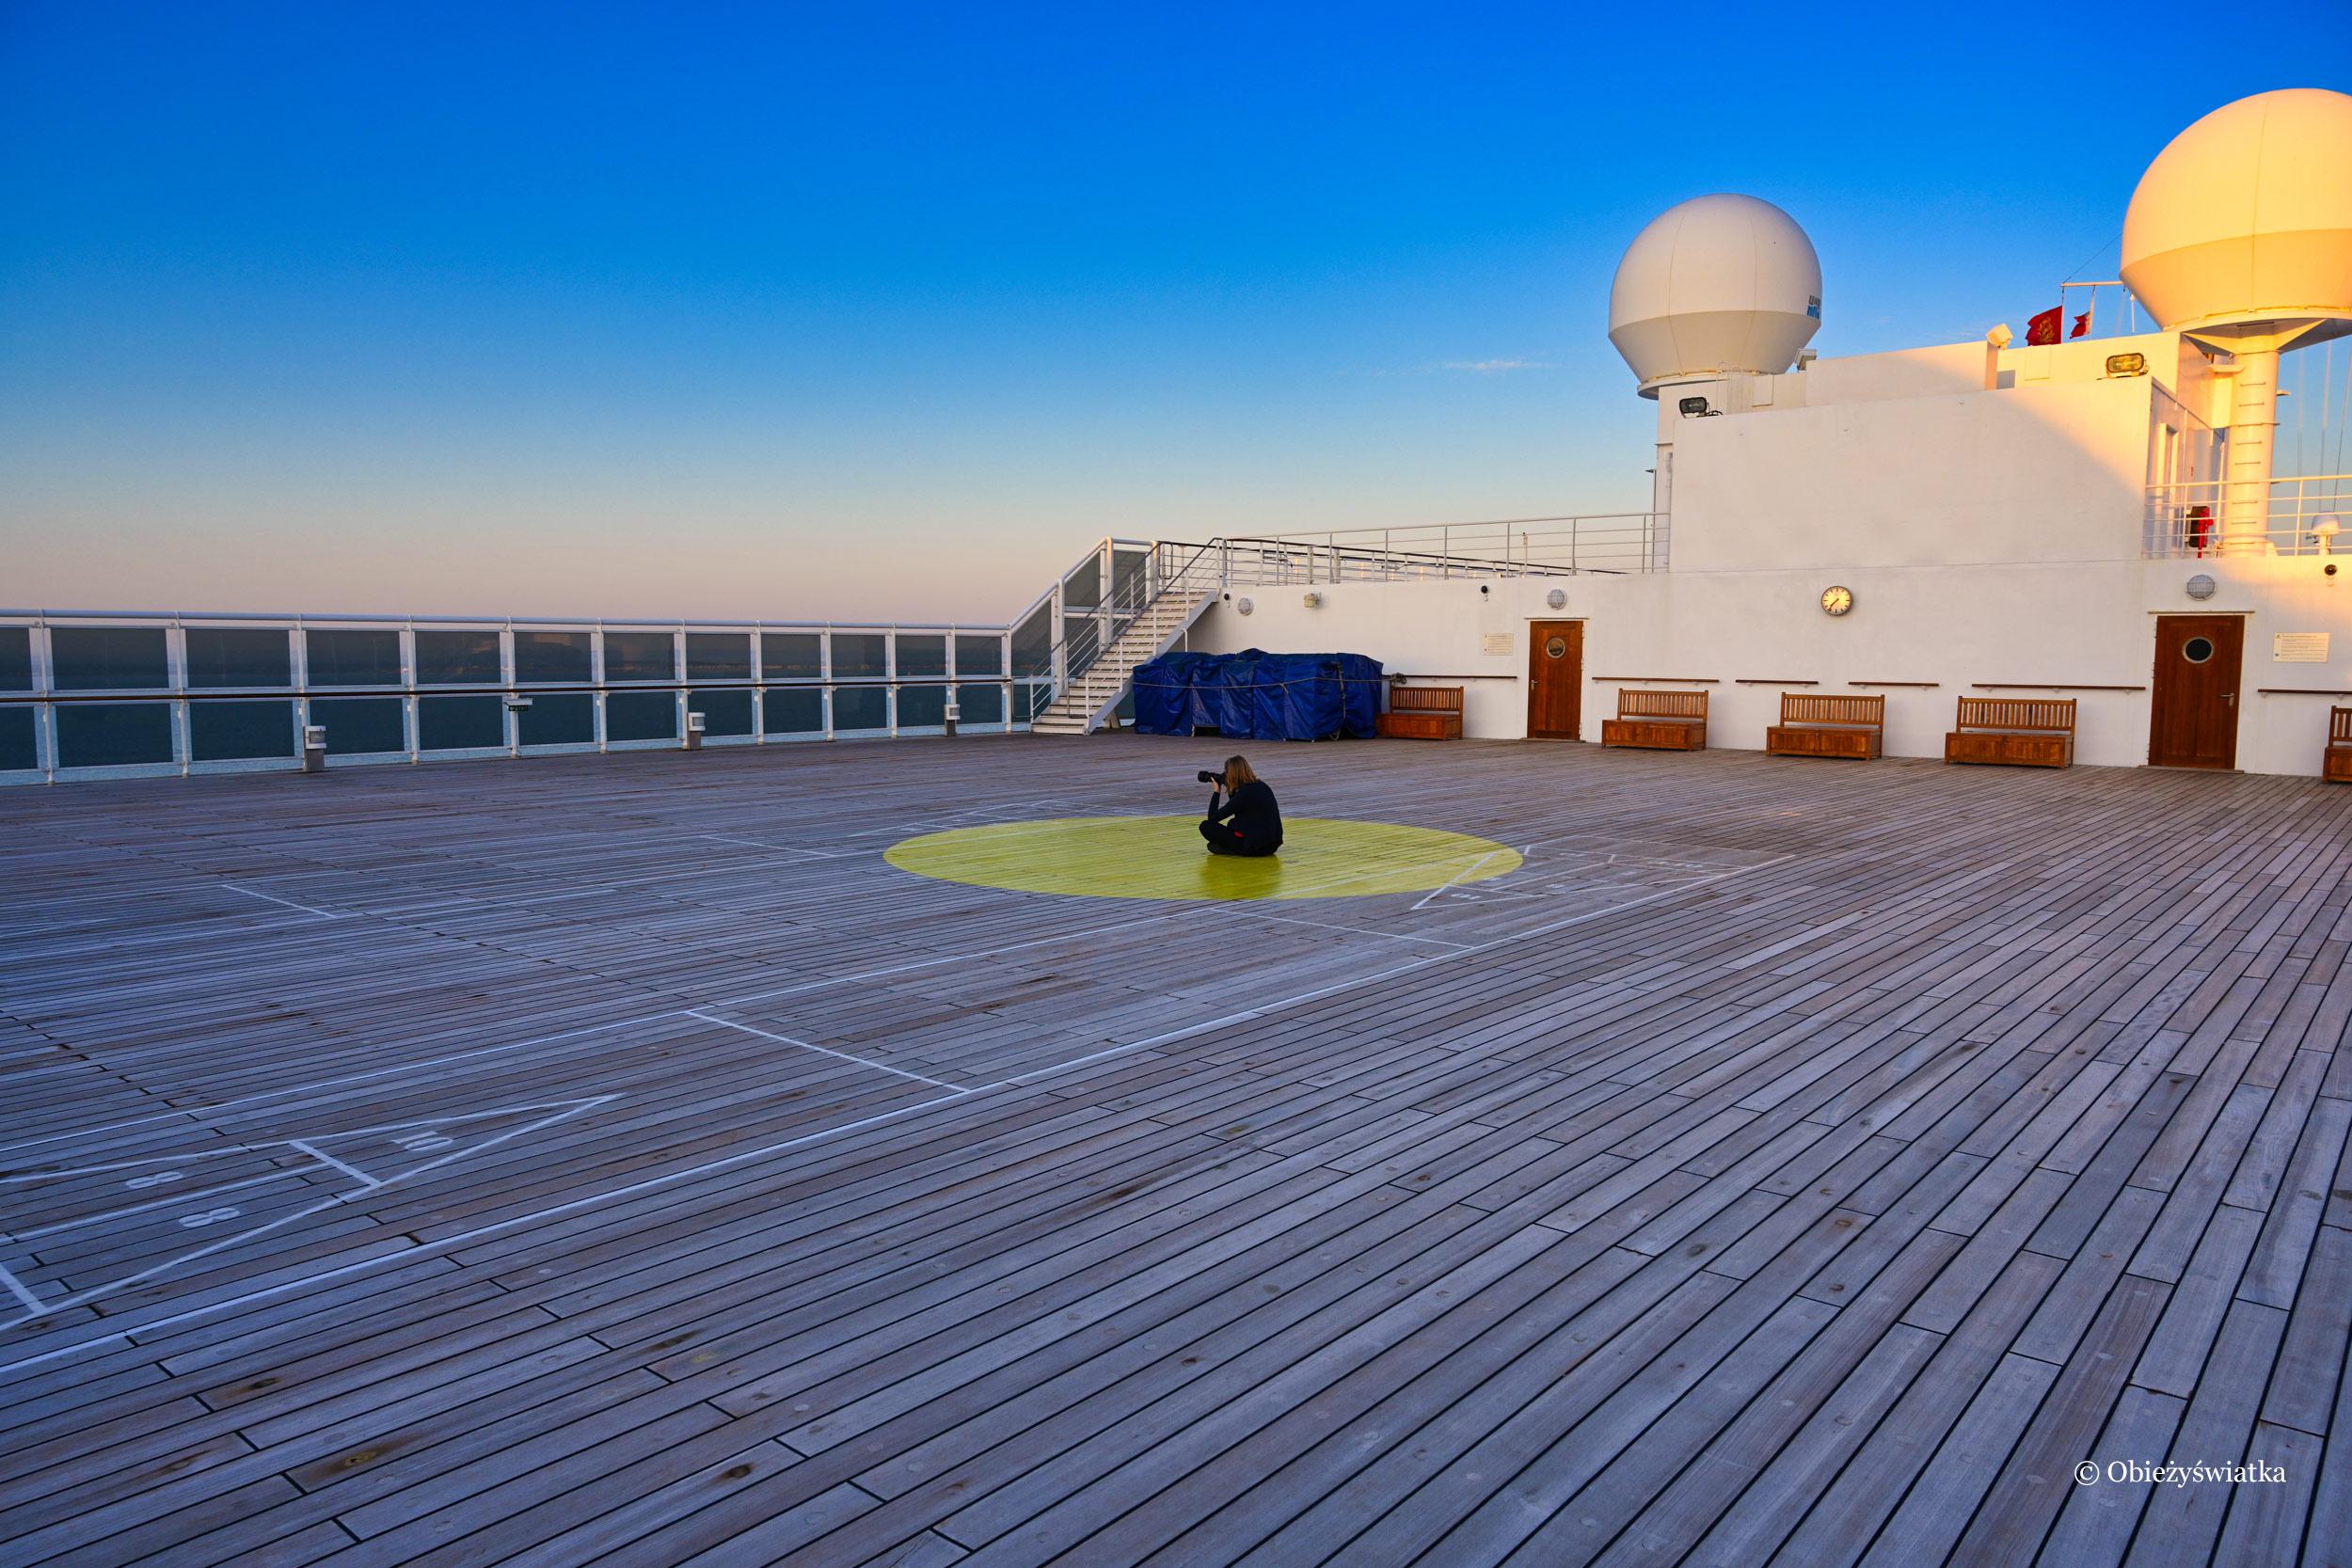 Mój ulubiony pokład na statku Queen Mary 2